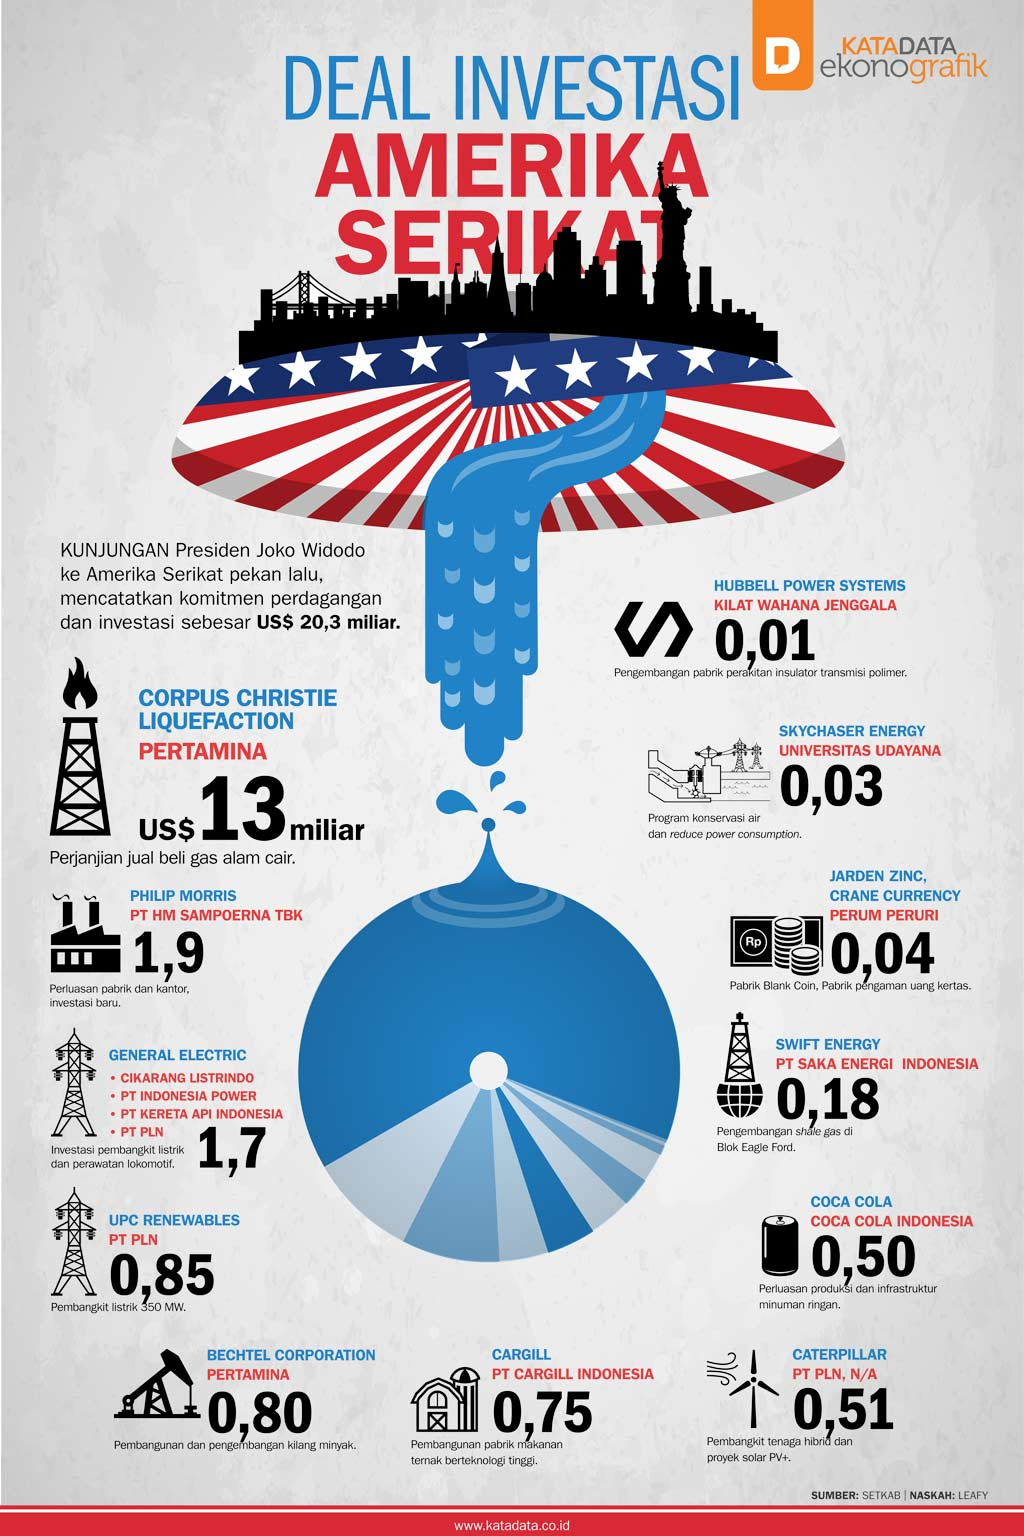 Deal Investasi Amerika Serikat